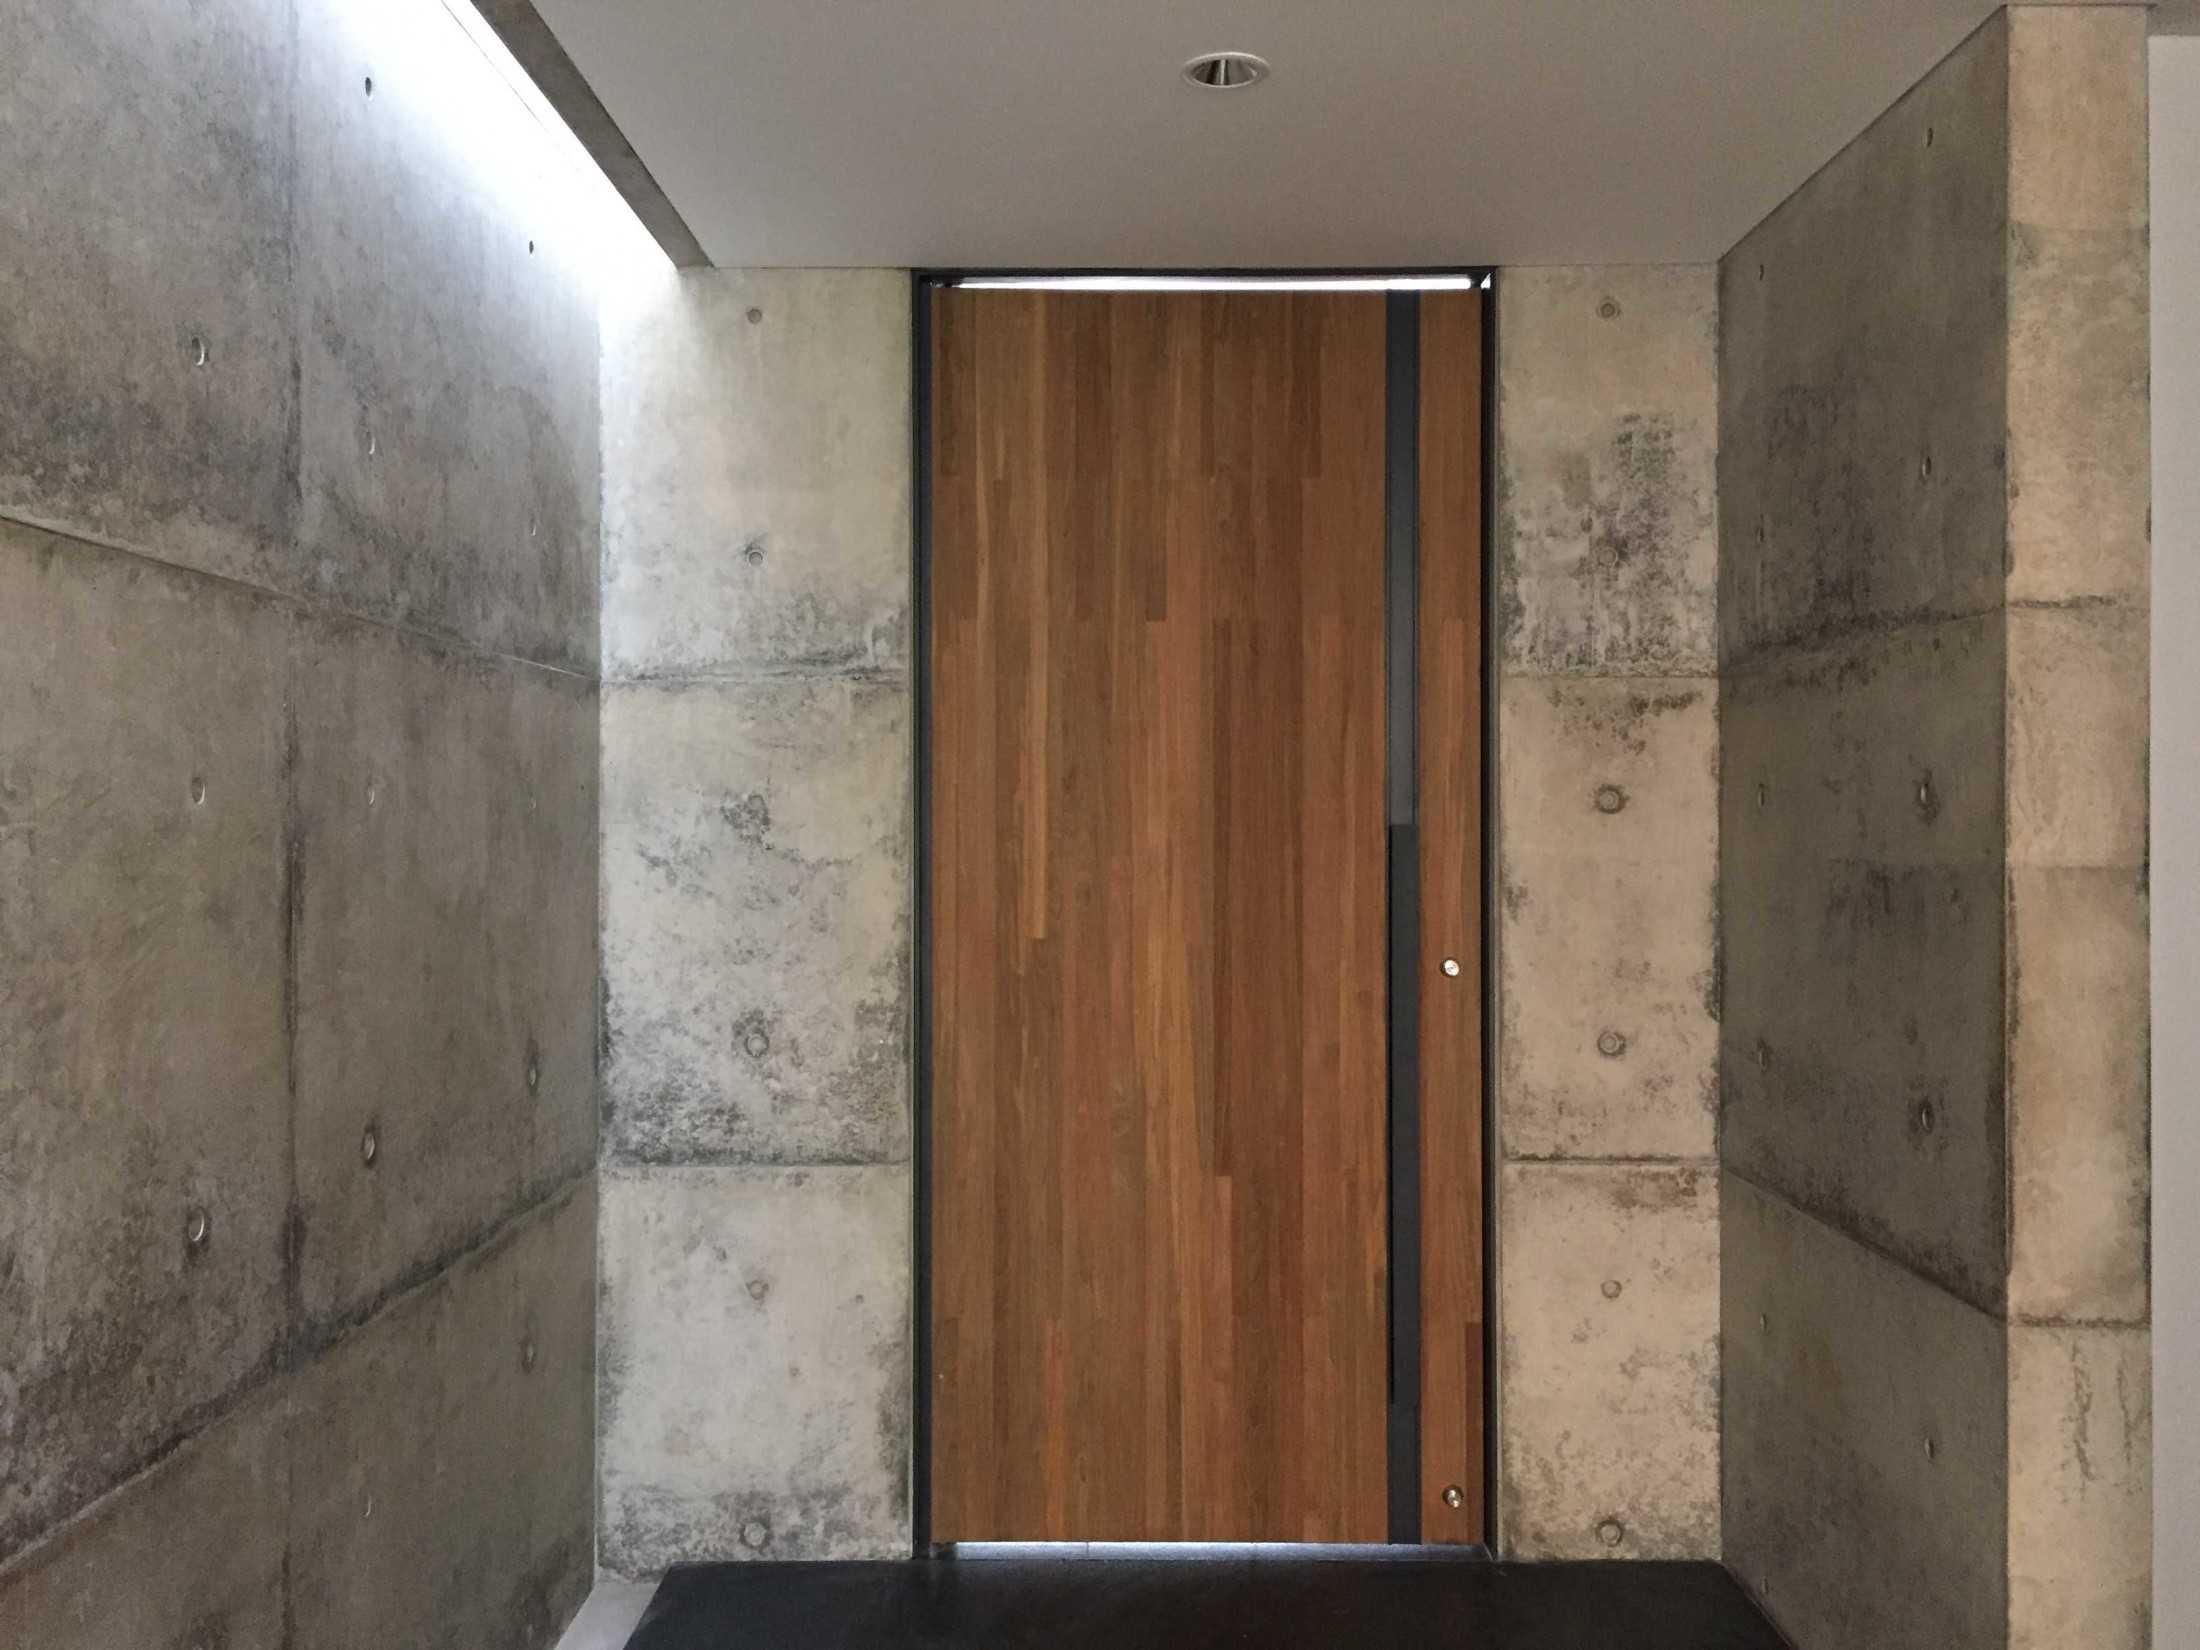 Pintu dengan area masuk yang menawan (Sumber: arsitag.com)